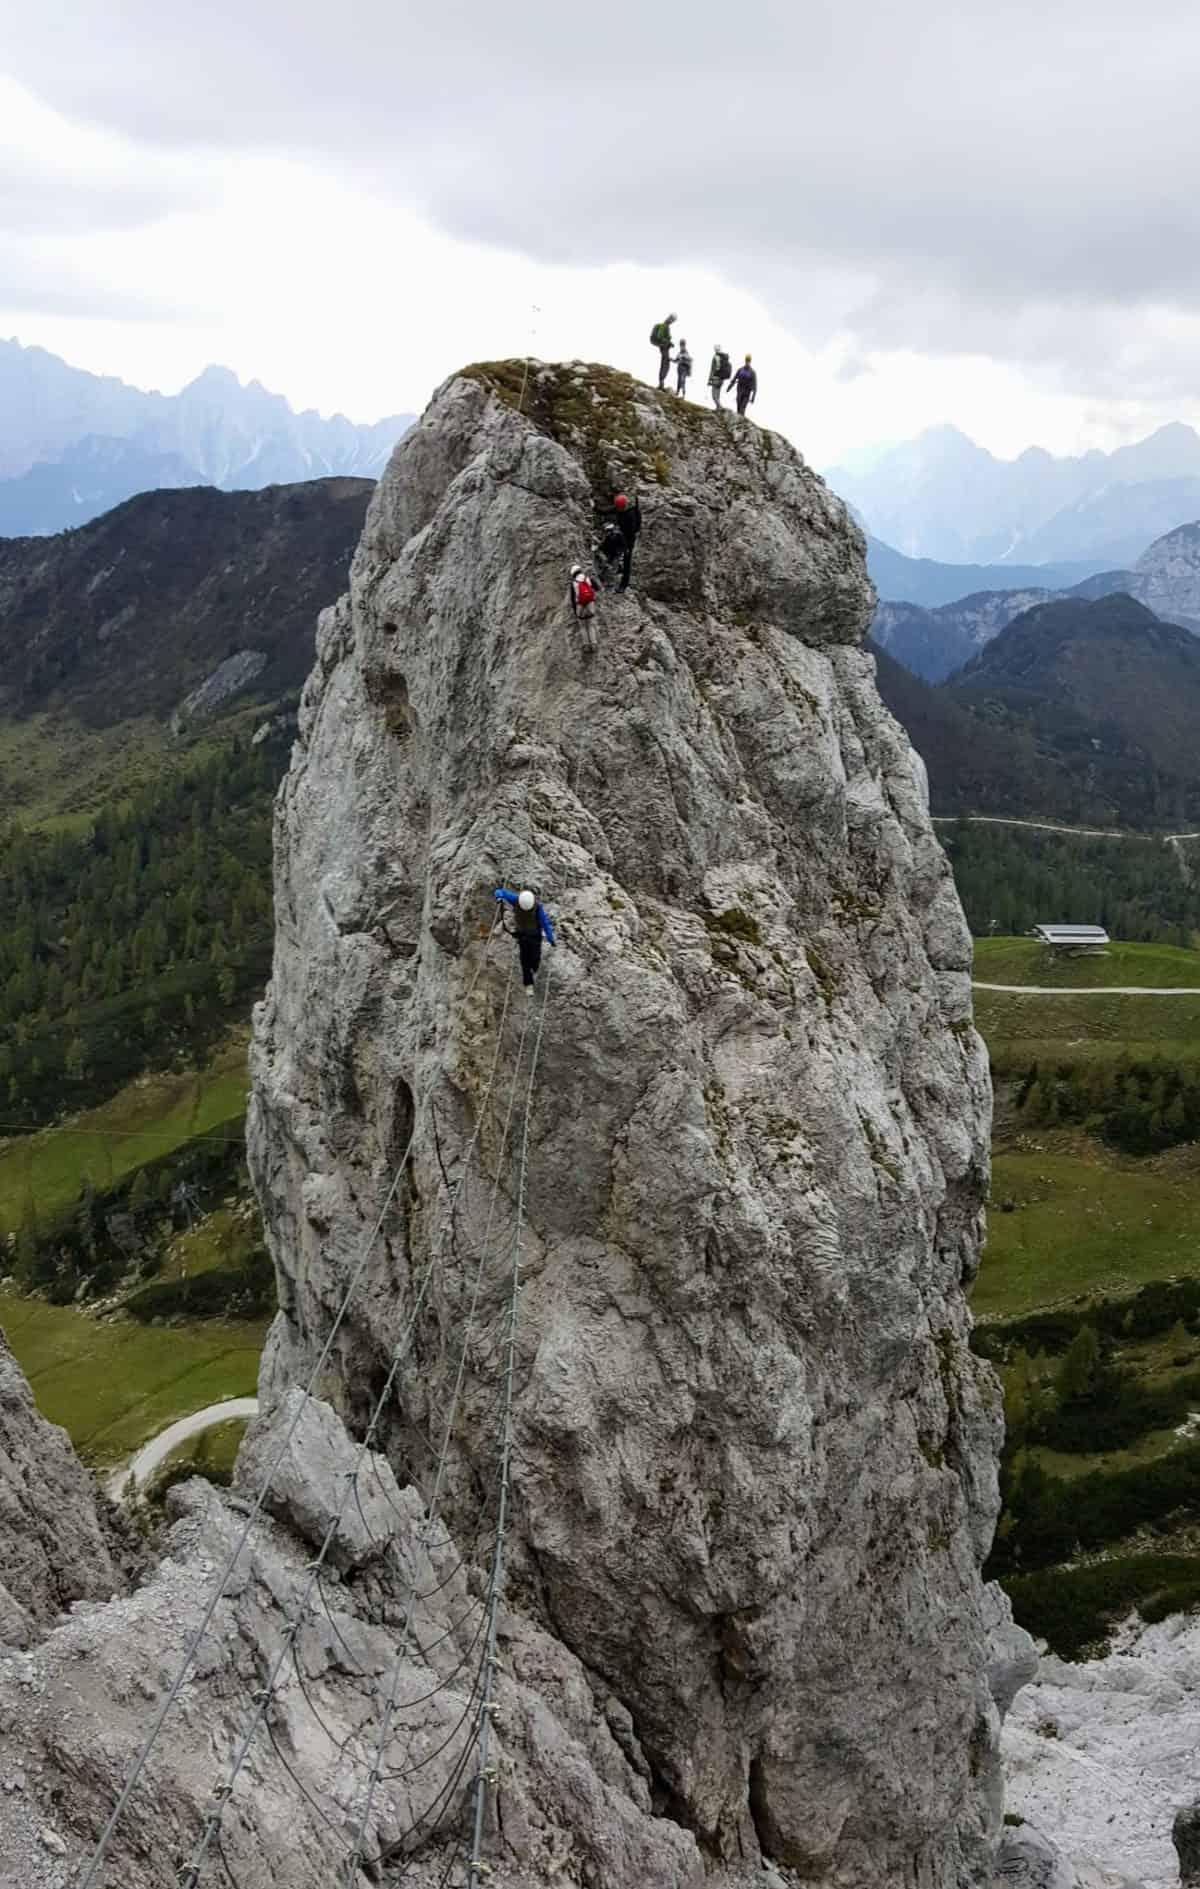 Klettersteig Däumling am Nassfeld in Kärnten